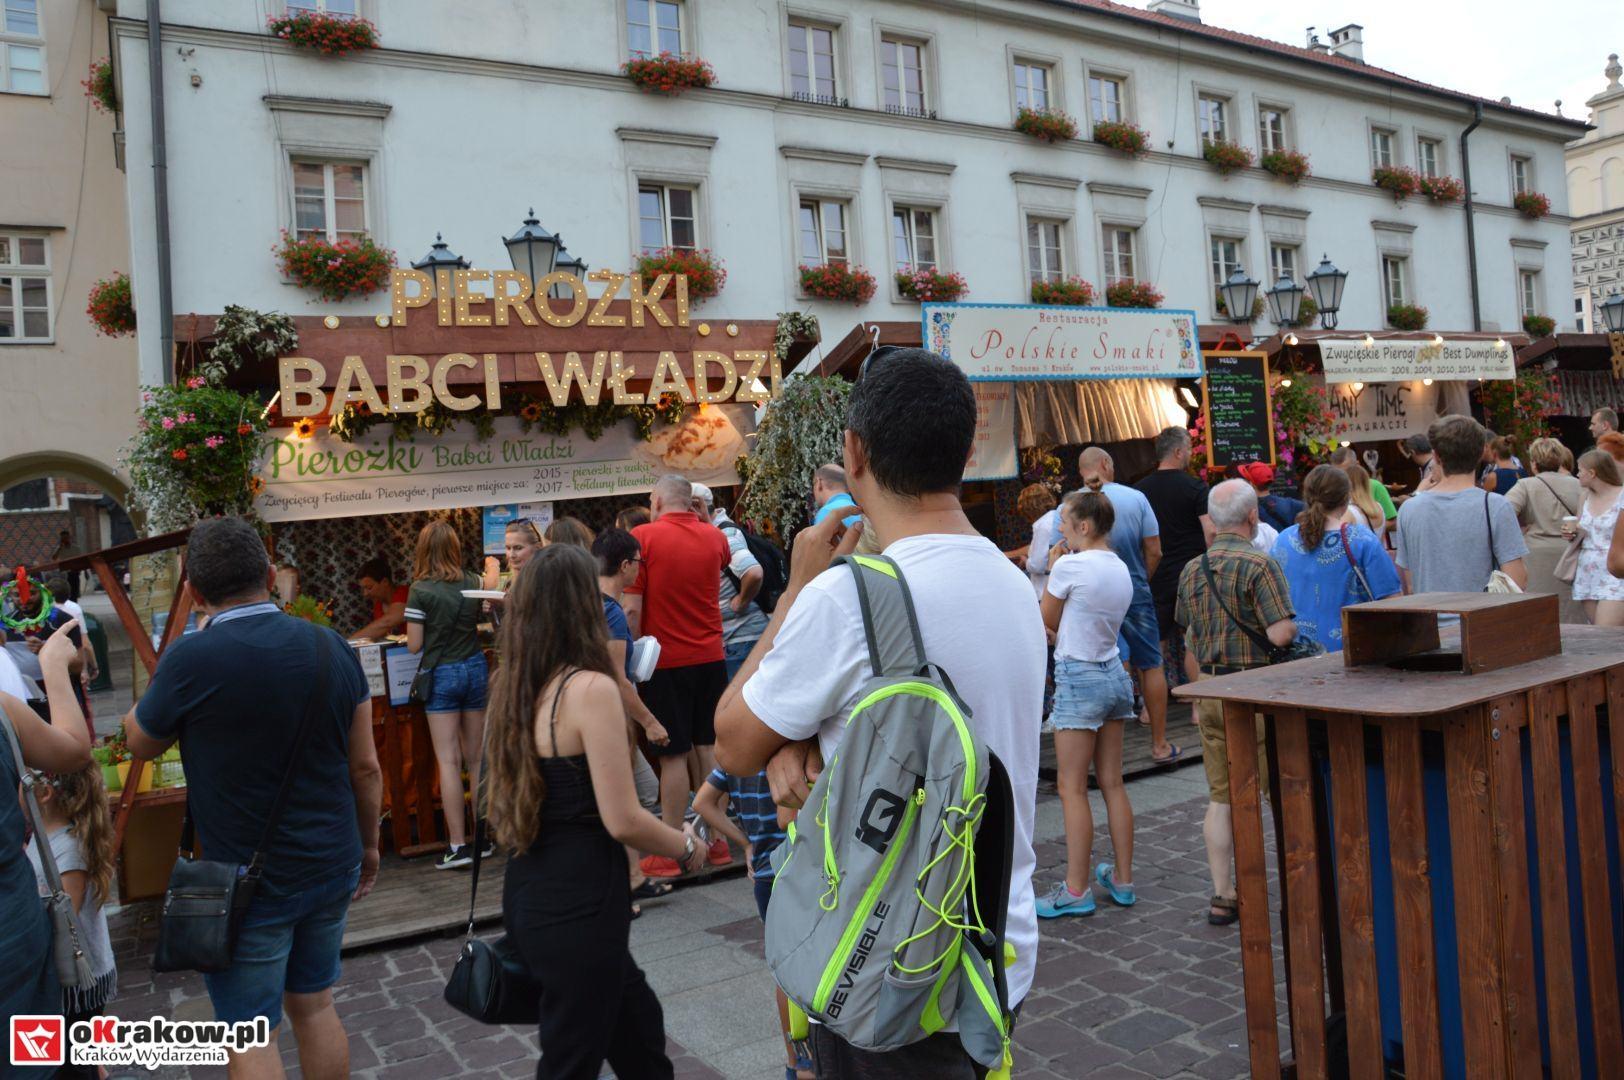 krakow festiwal pierogow maly rynek koncert cheap tobacco 51 150x150 - Galeria zdjęć Festiwal Pierogów Kraków 2018 + zdjęcia z koncertu Cheap Tobacco